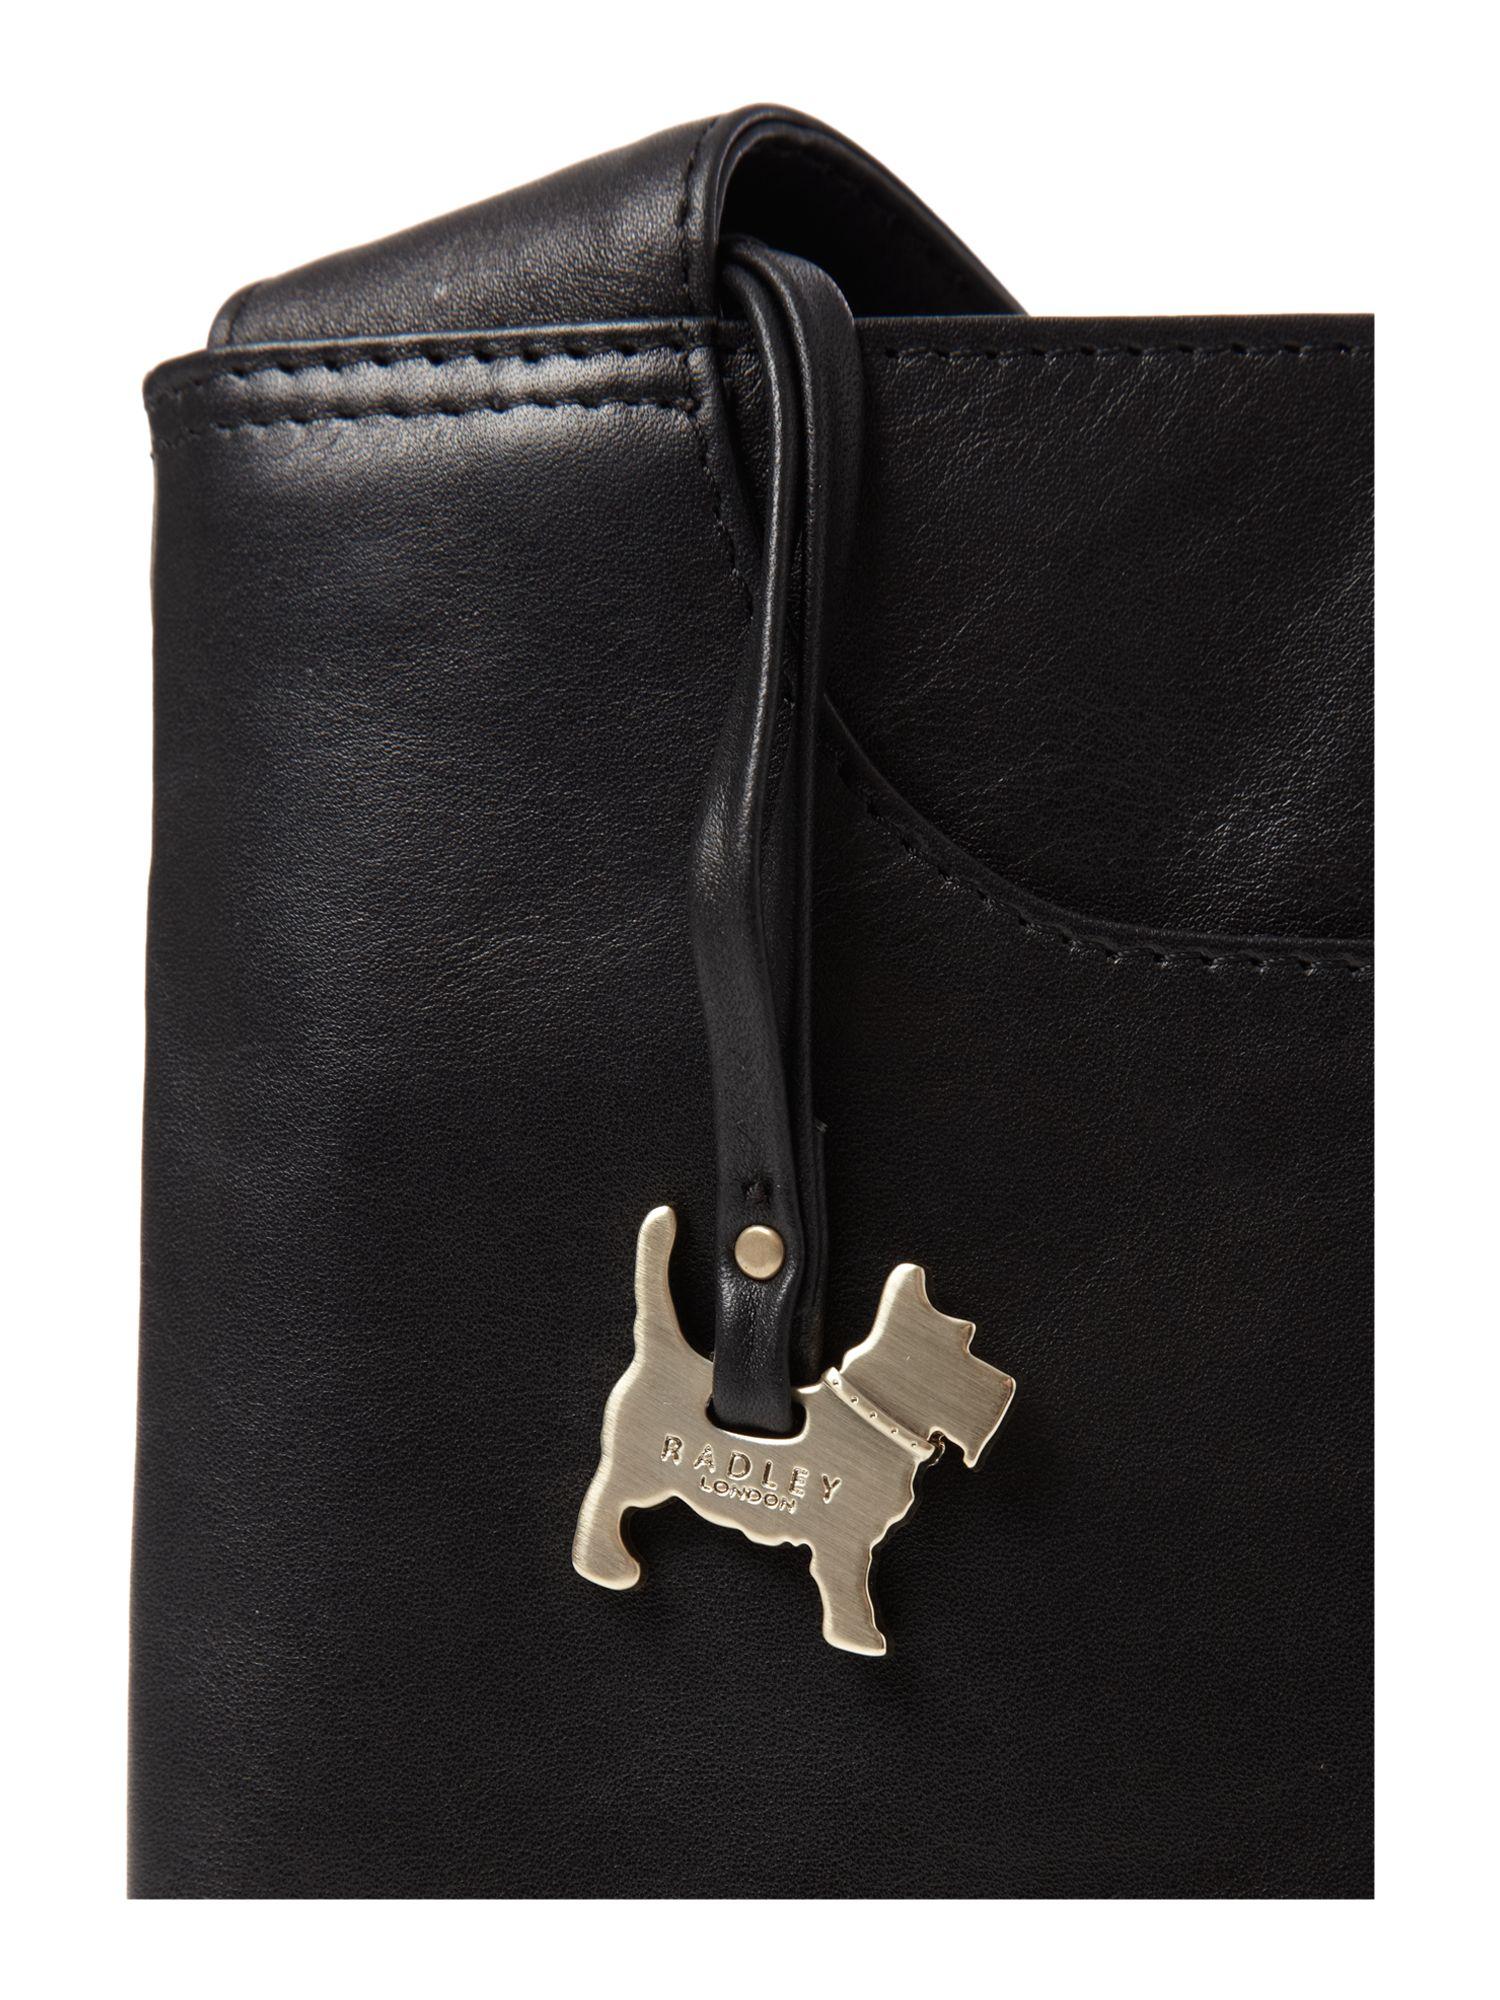 Radley Pocket Bag Small Cross Body Bag in Black